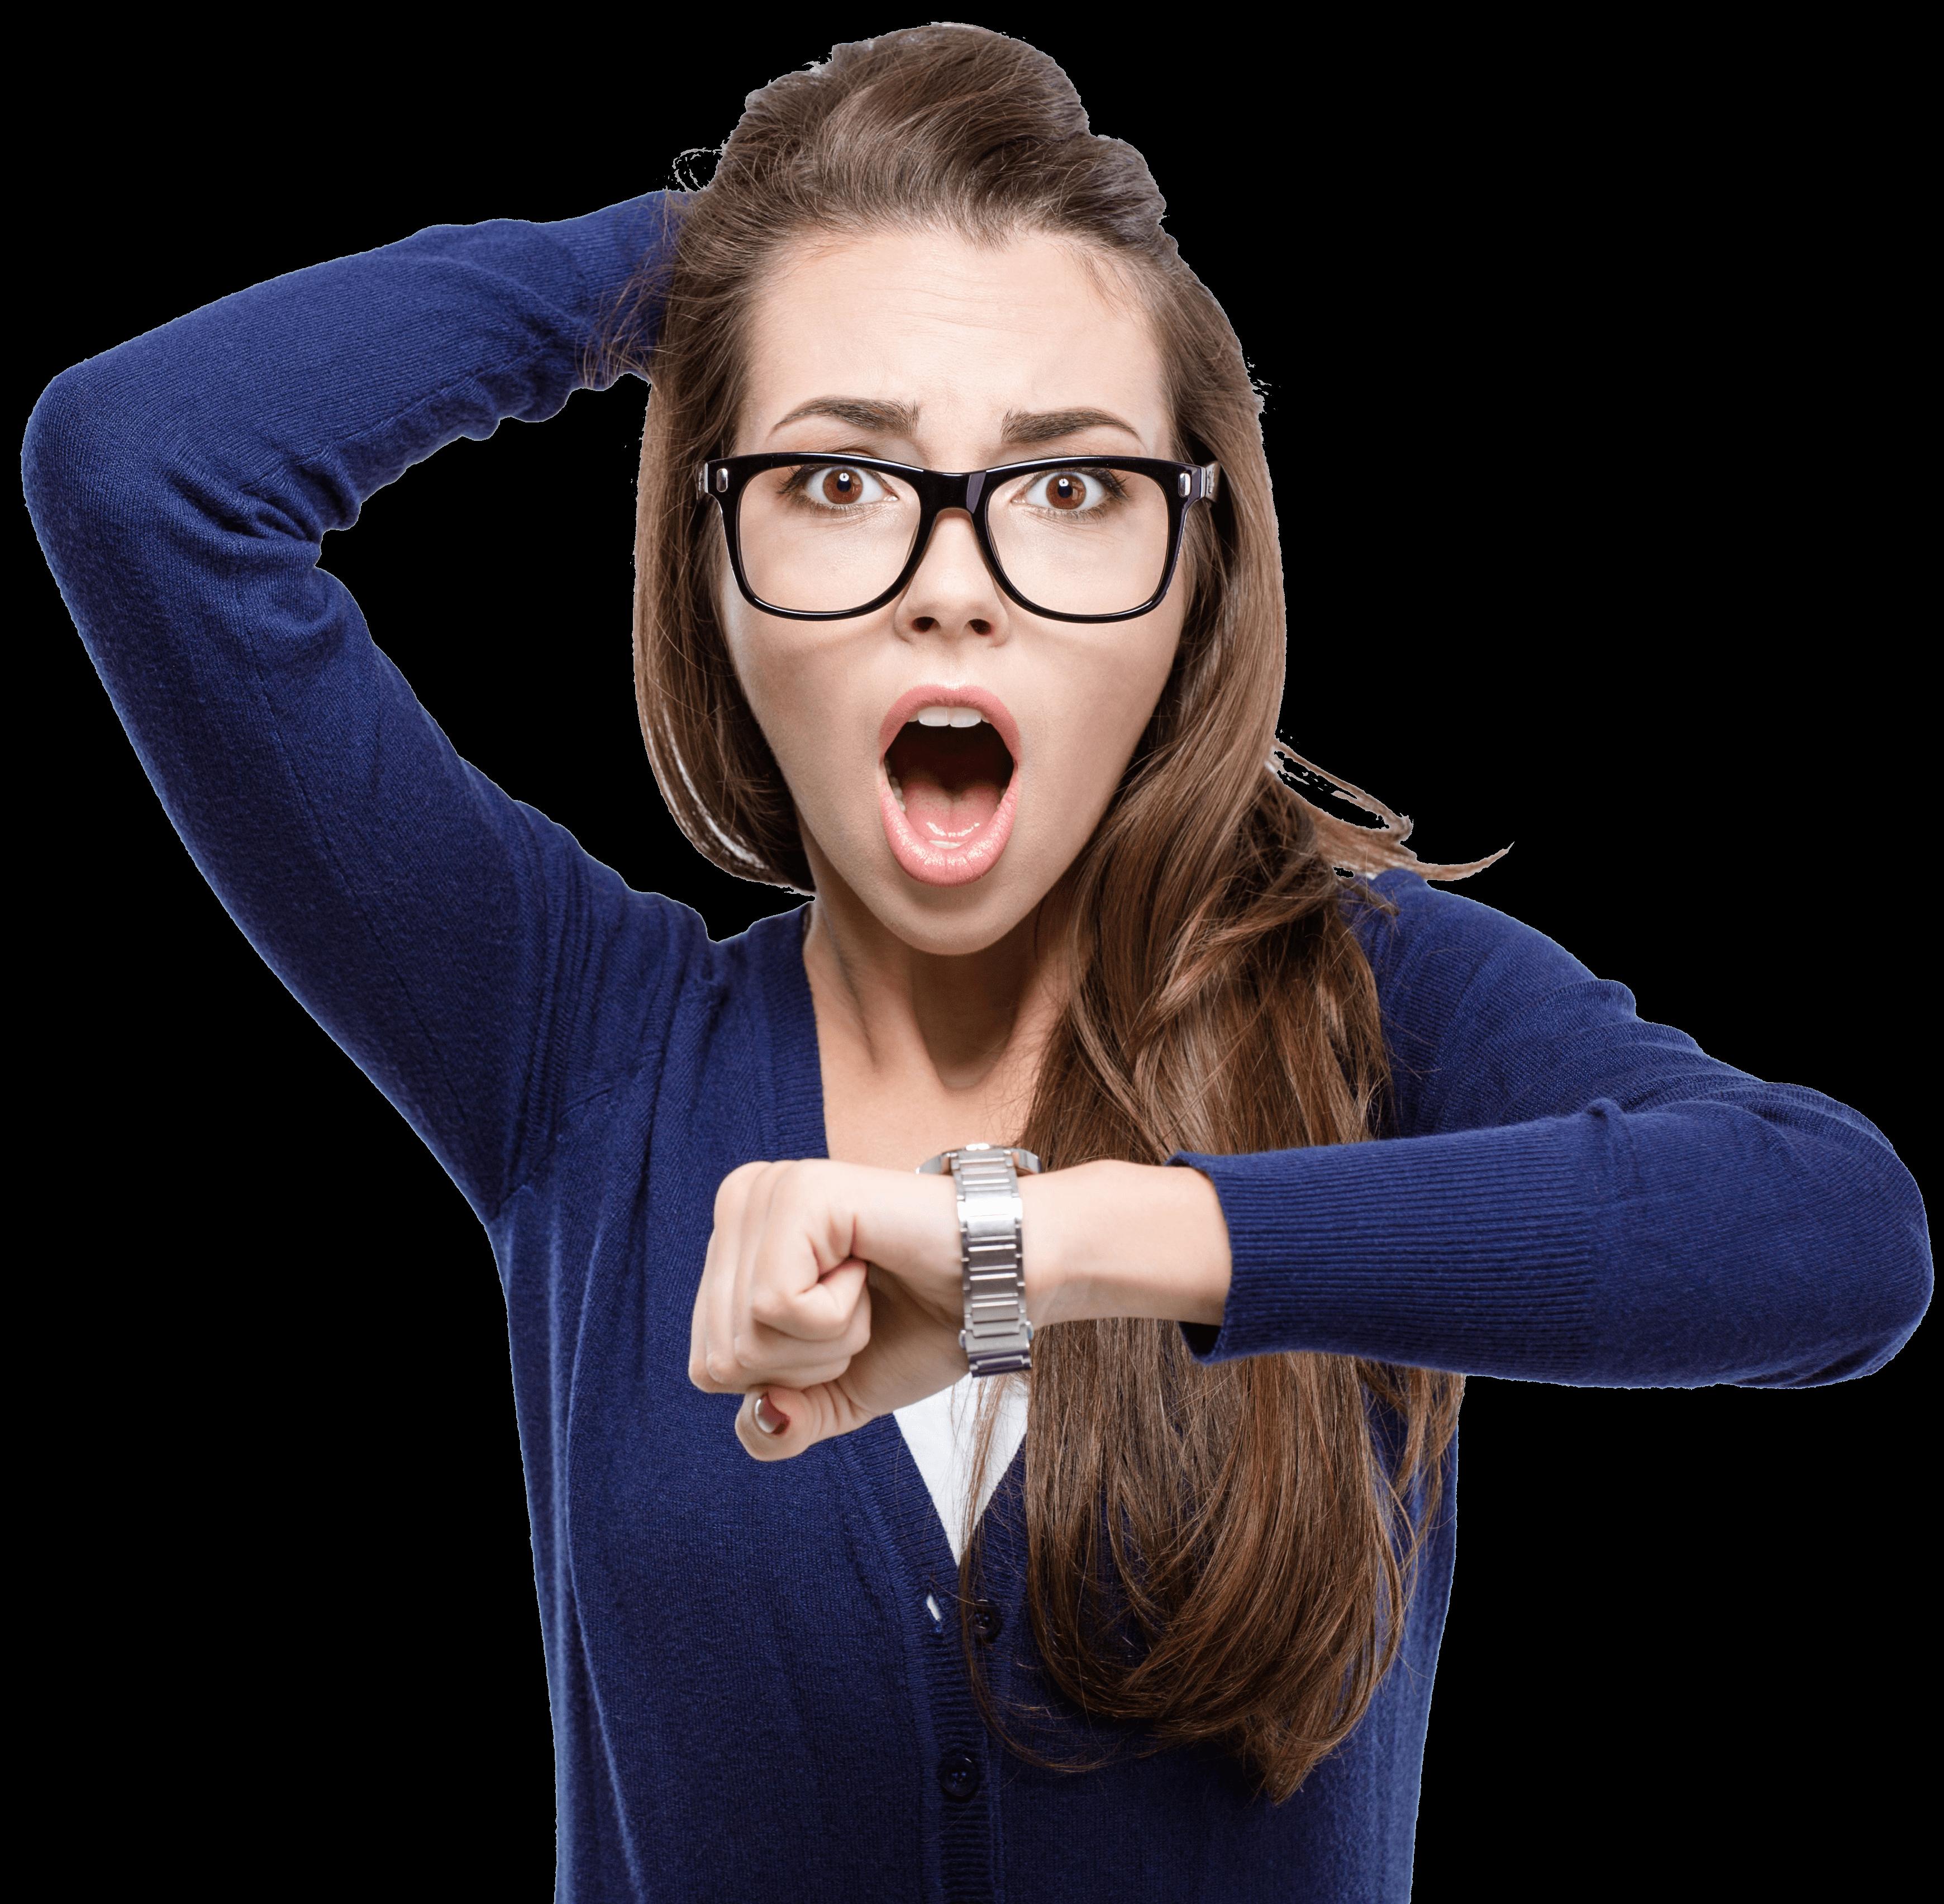 עניין של זמן - shocked young woman holding hand with wrist watch